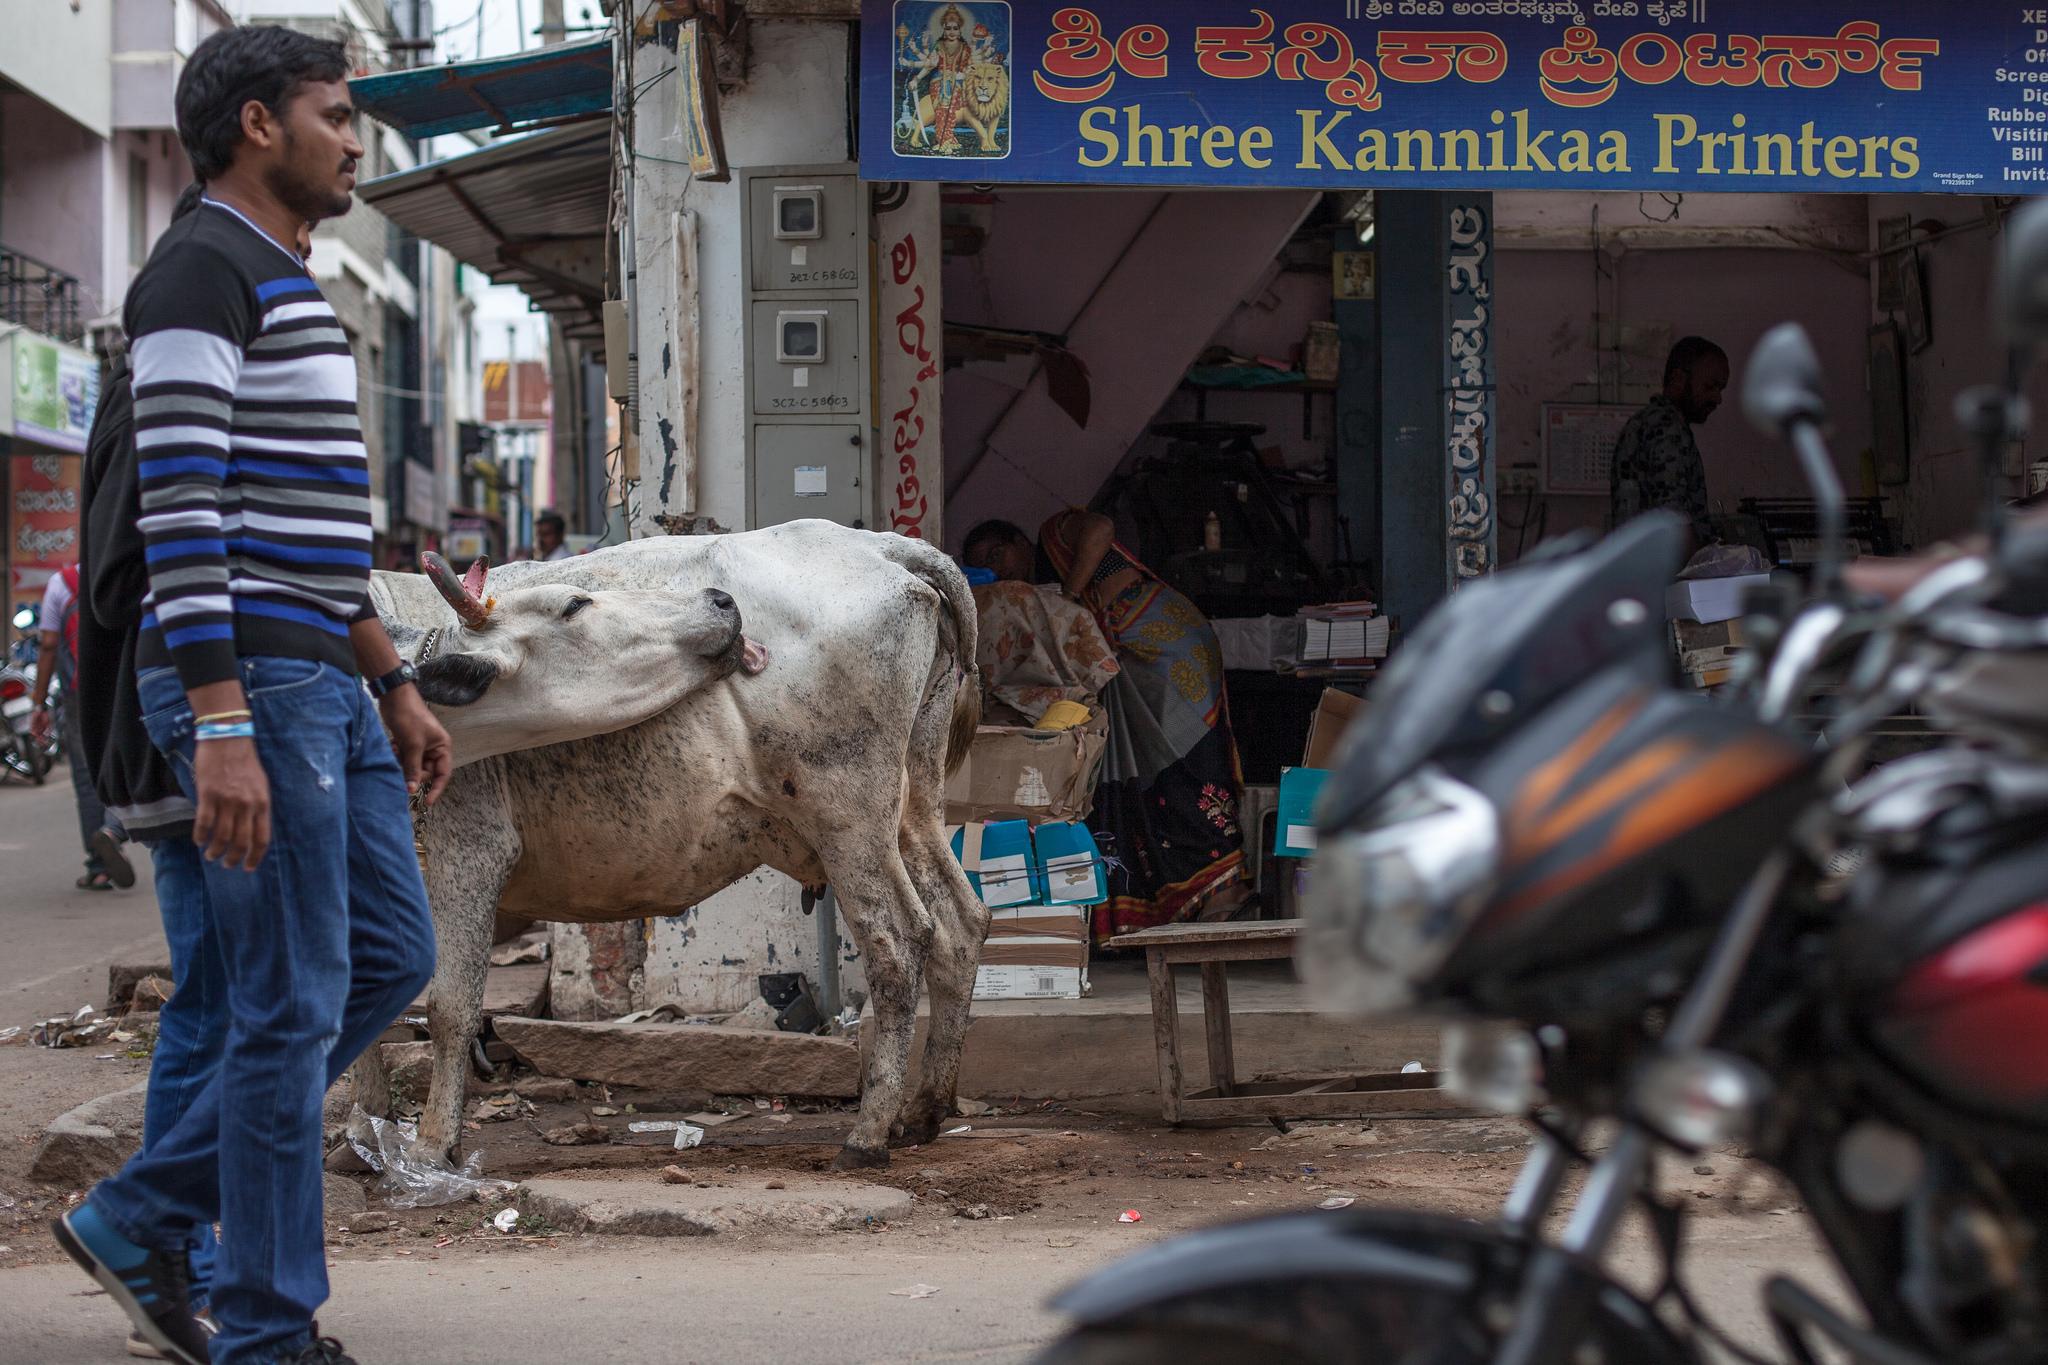 Street life in Mysore